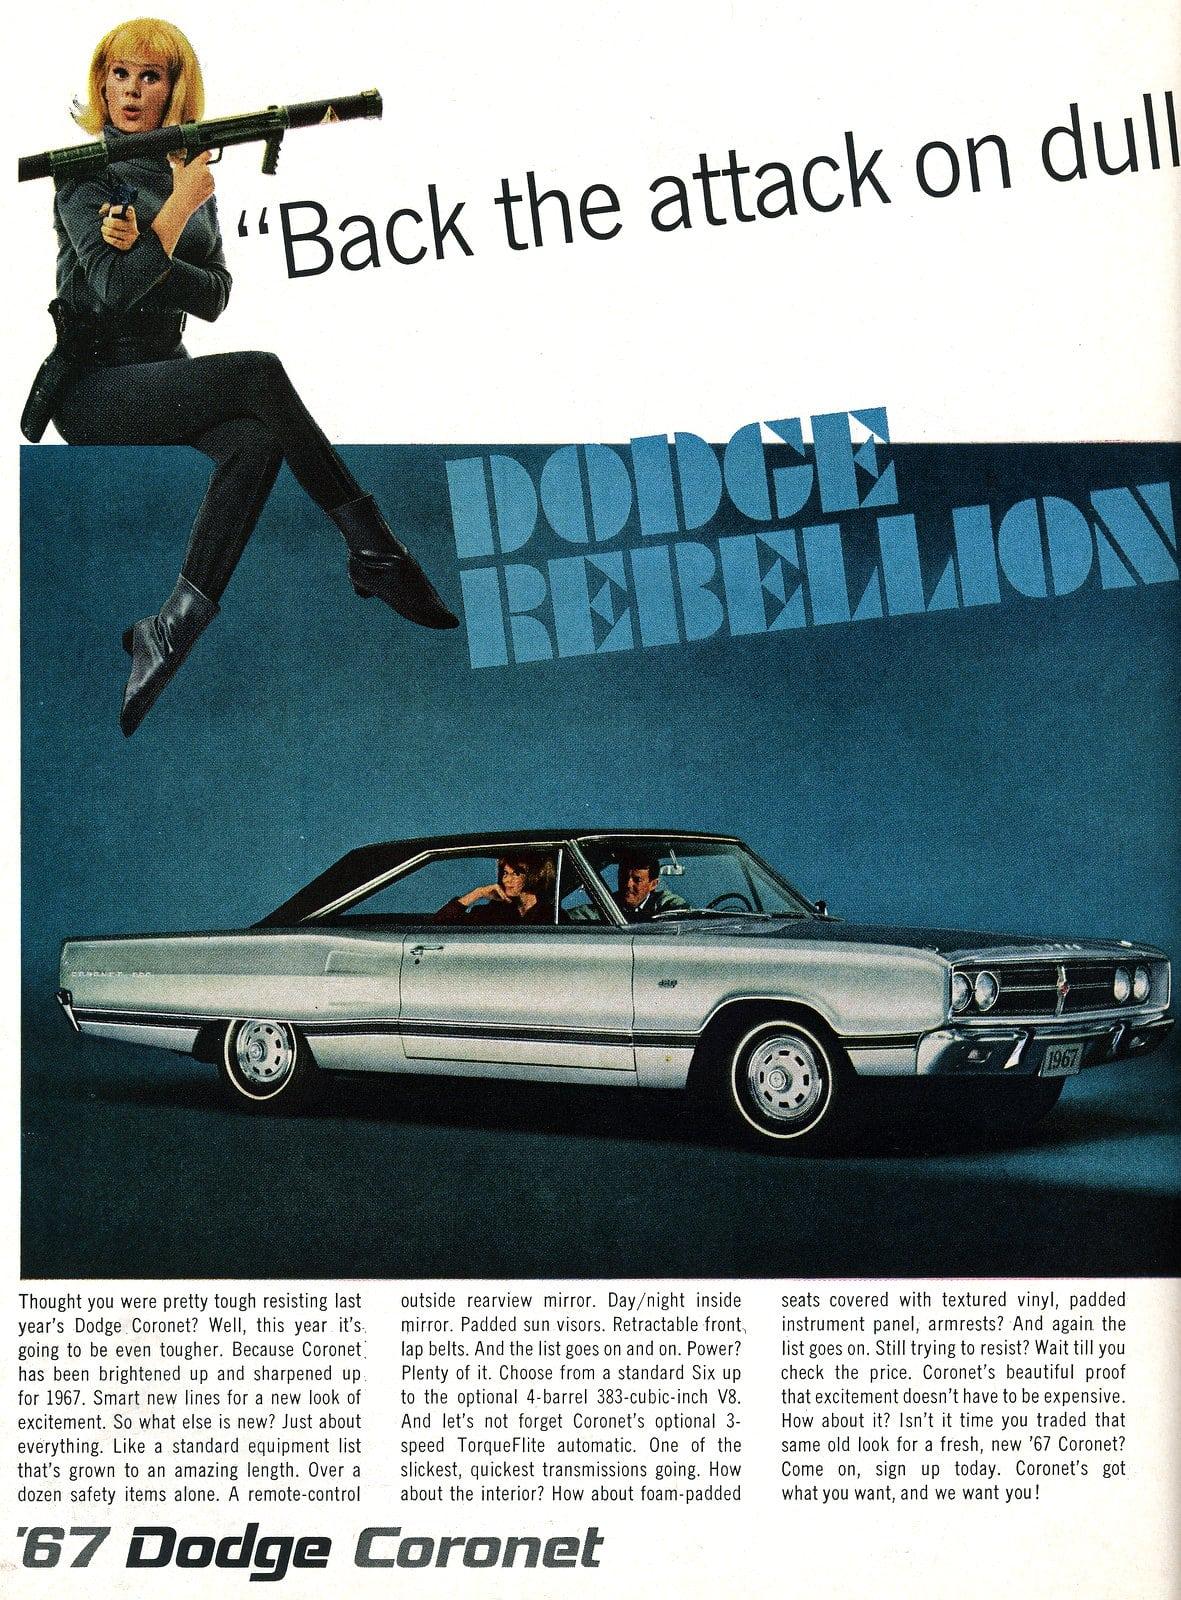 The 1967 Dodge Coronet